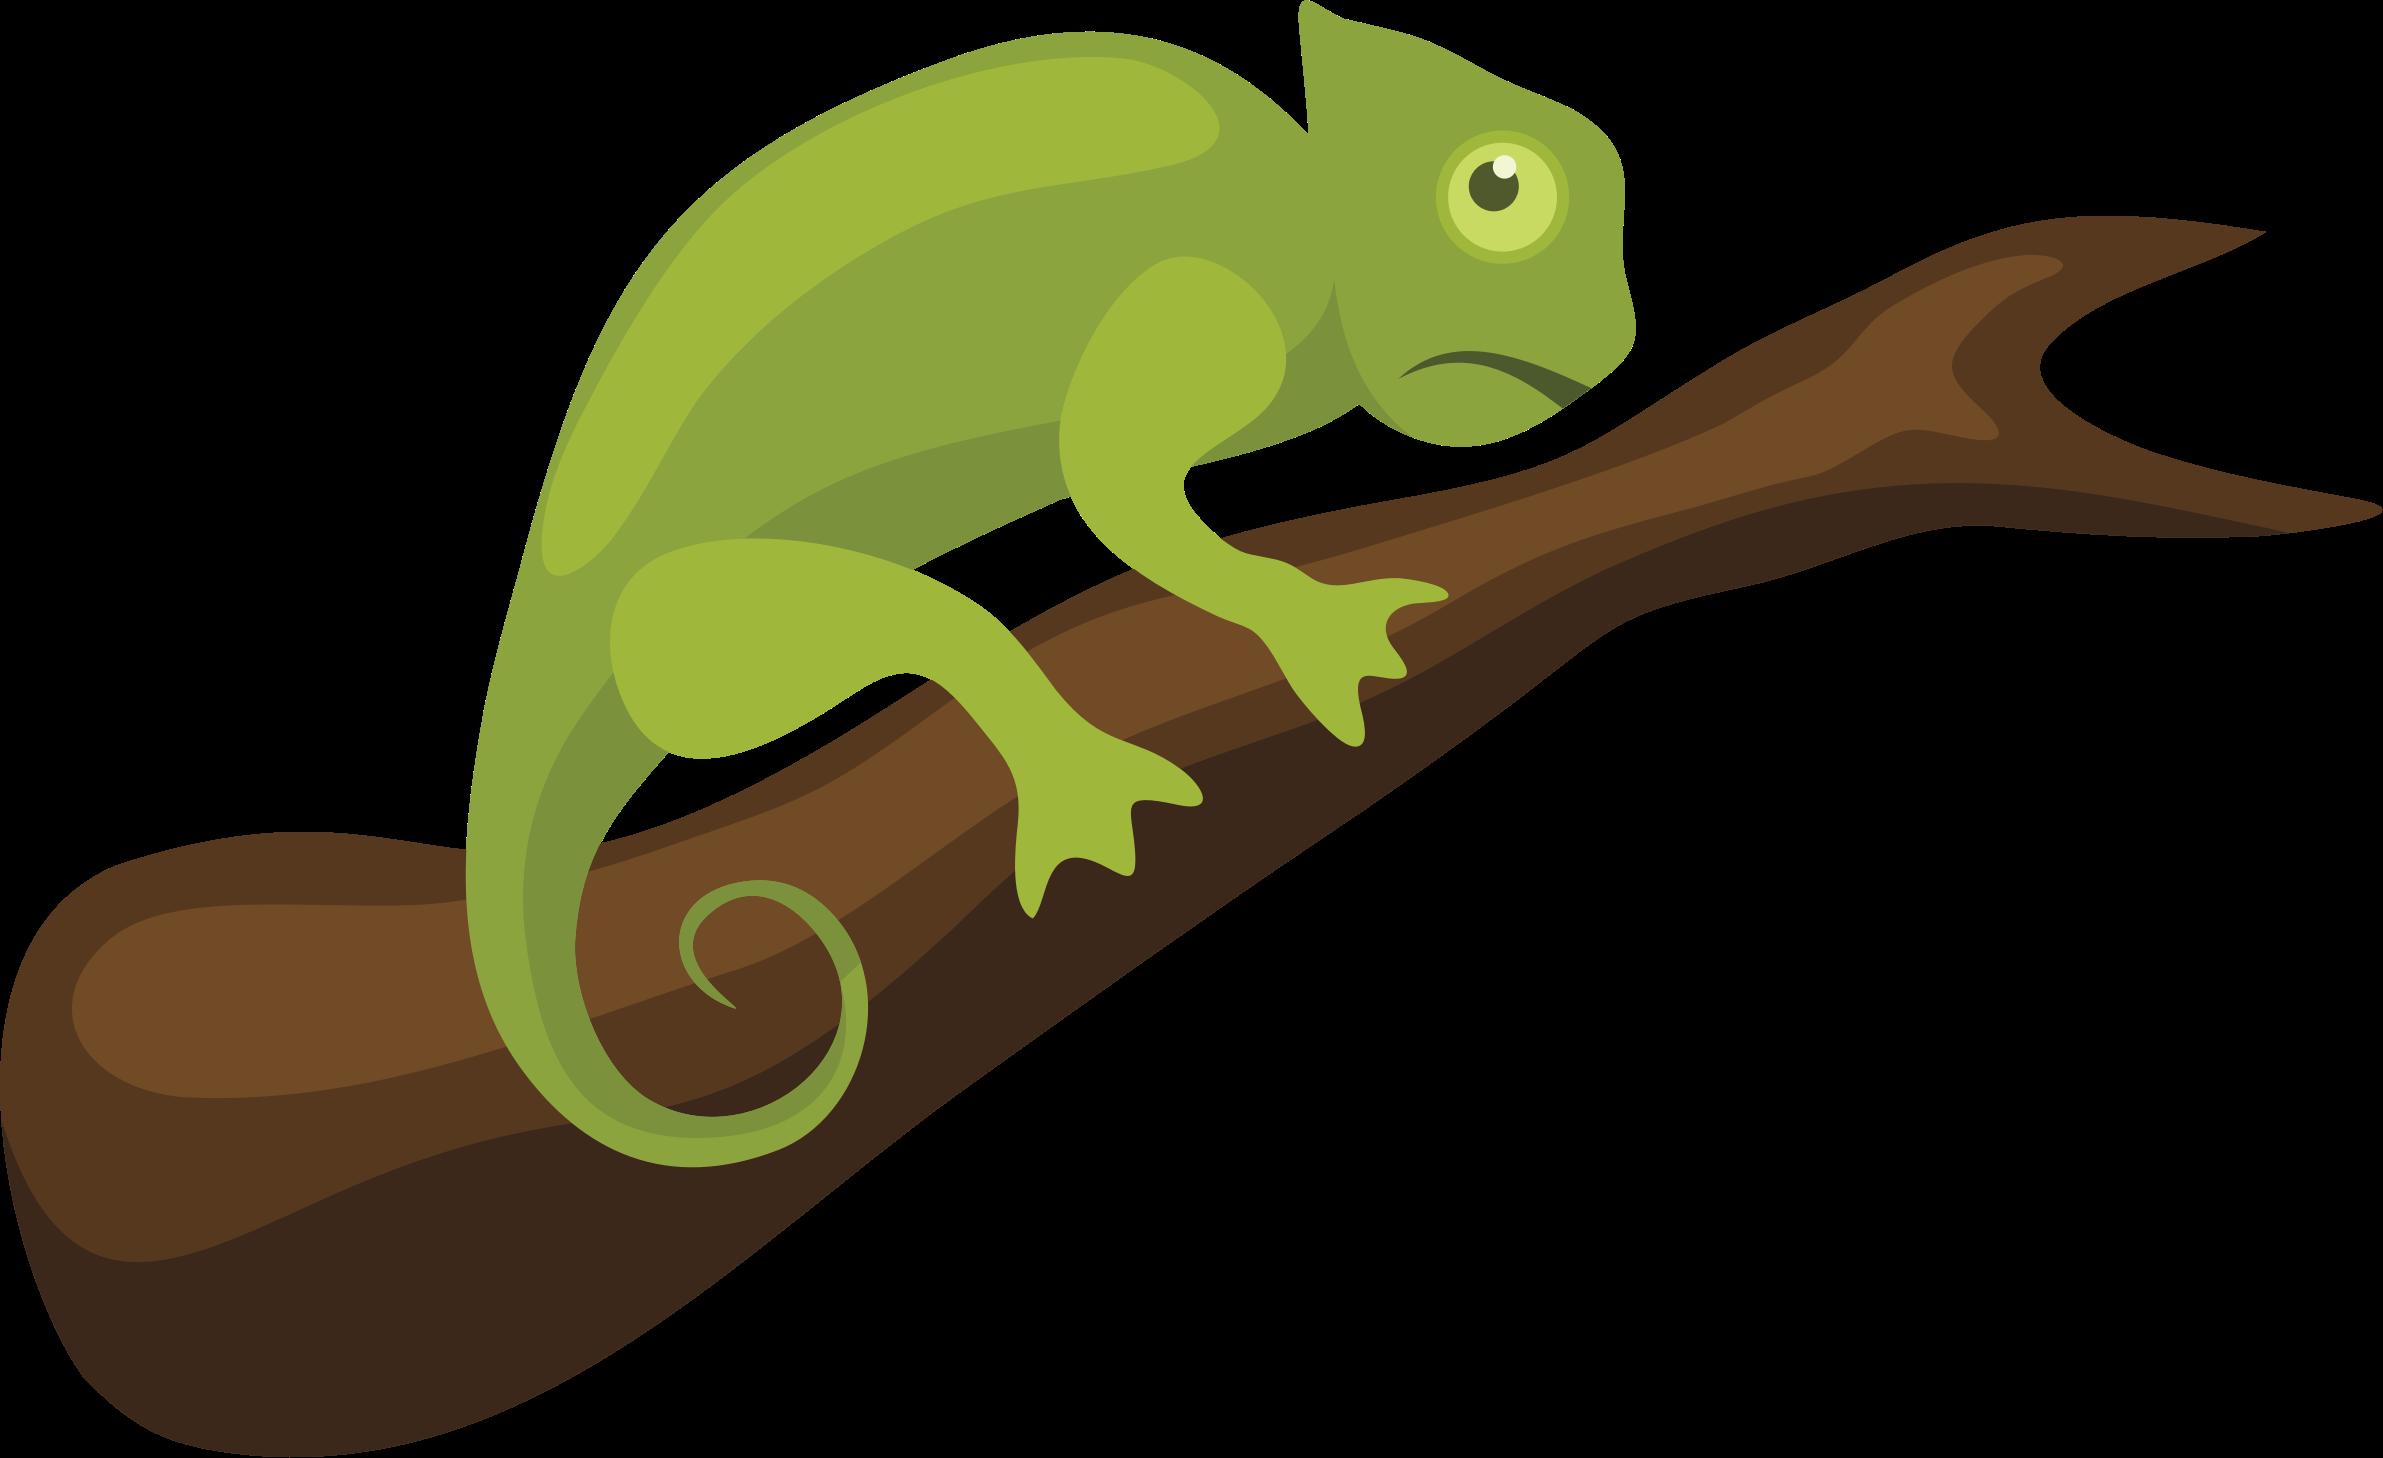 clipart - chameleon